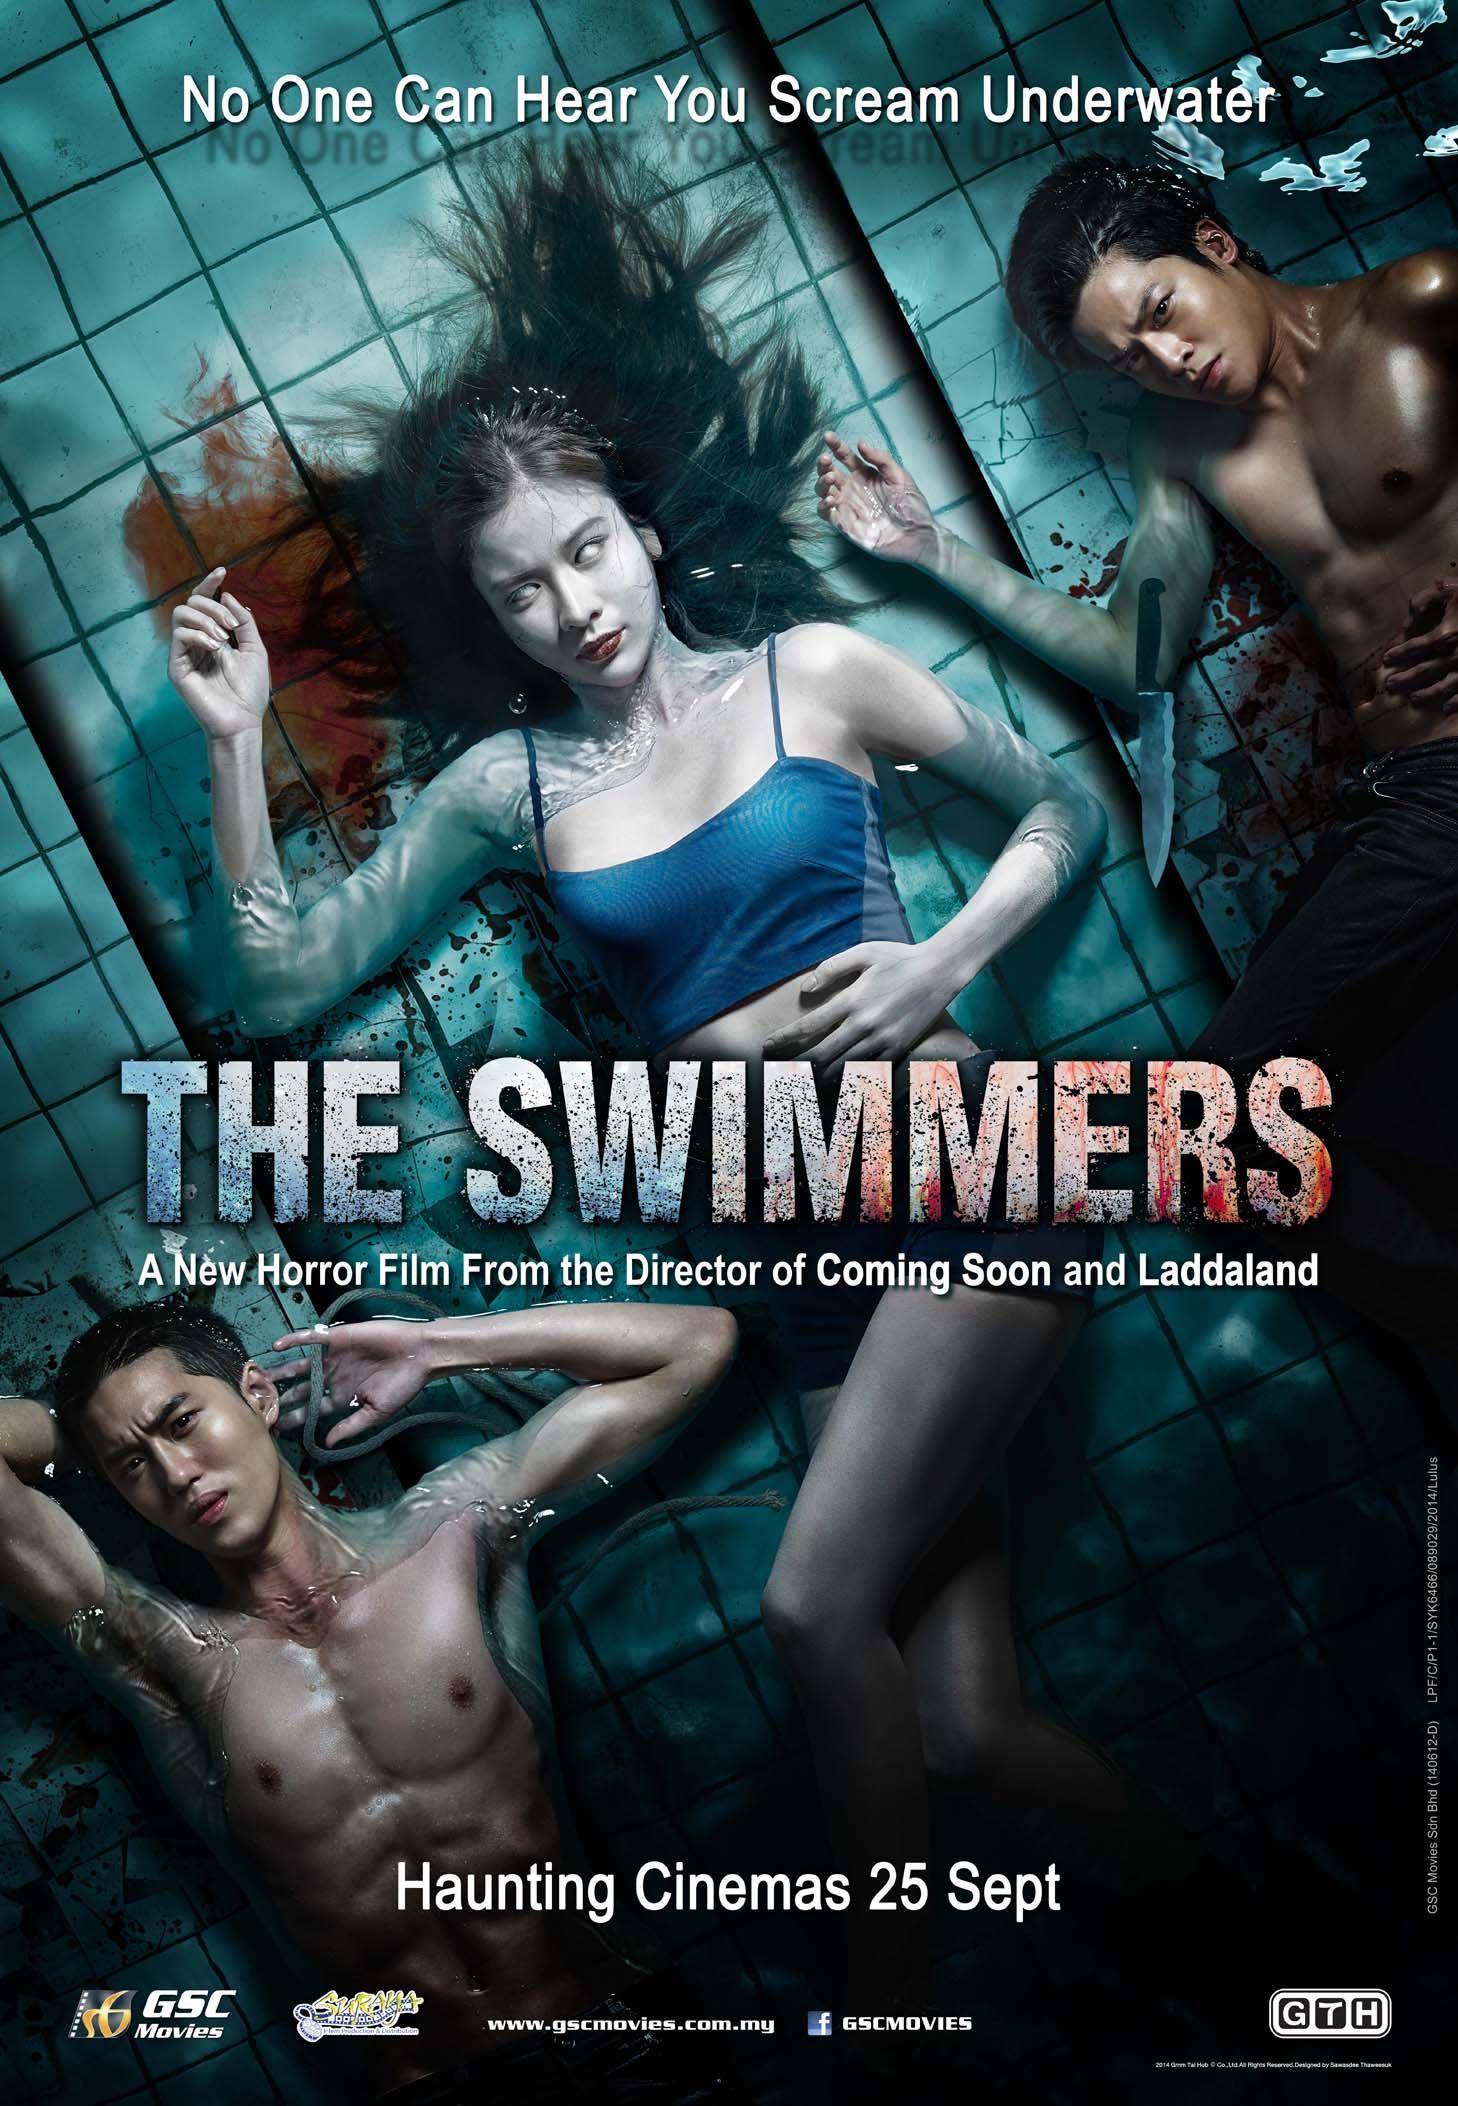 8858 - The Swimmers (2014) Bí Ẩn Tại Hồ Bơi